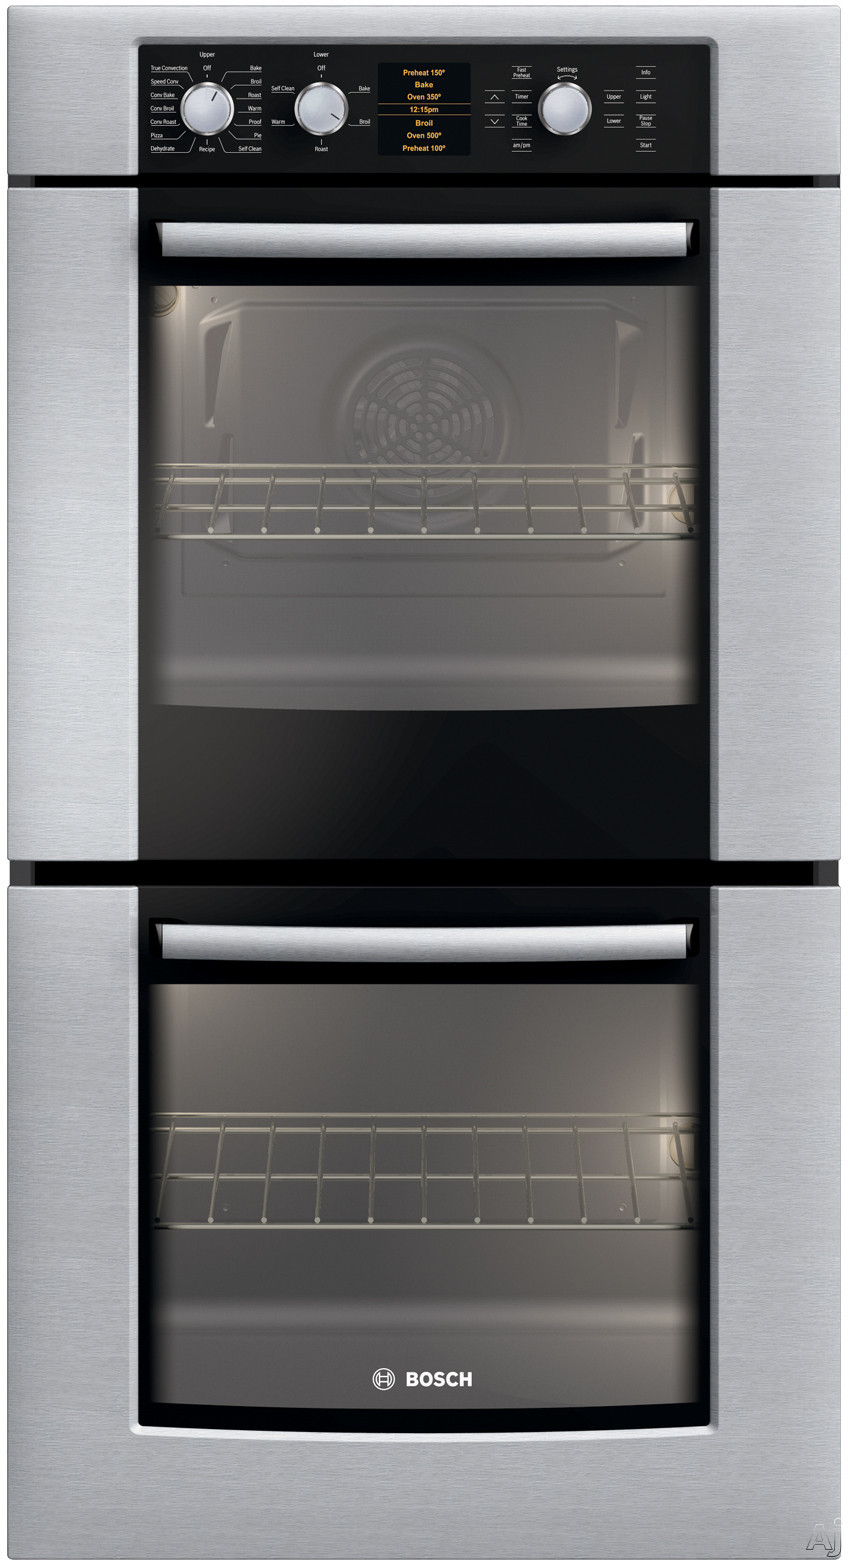 Bosch 500 Series HBN5650UC 27